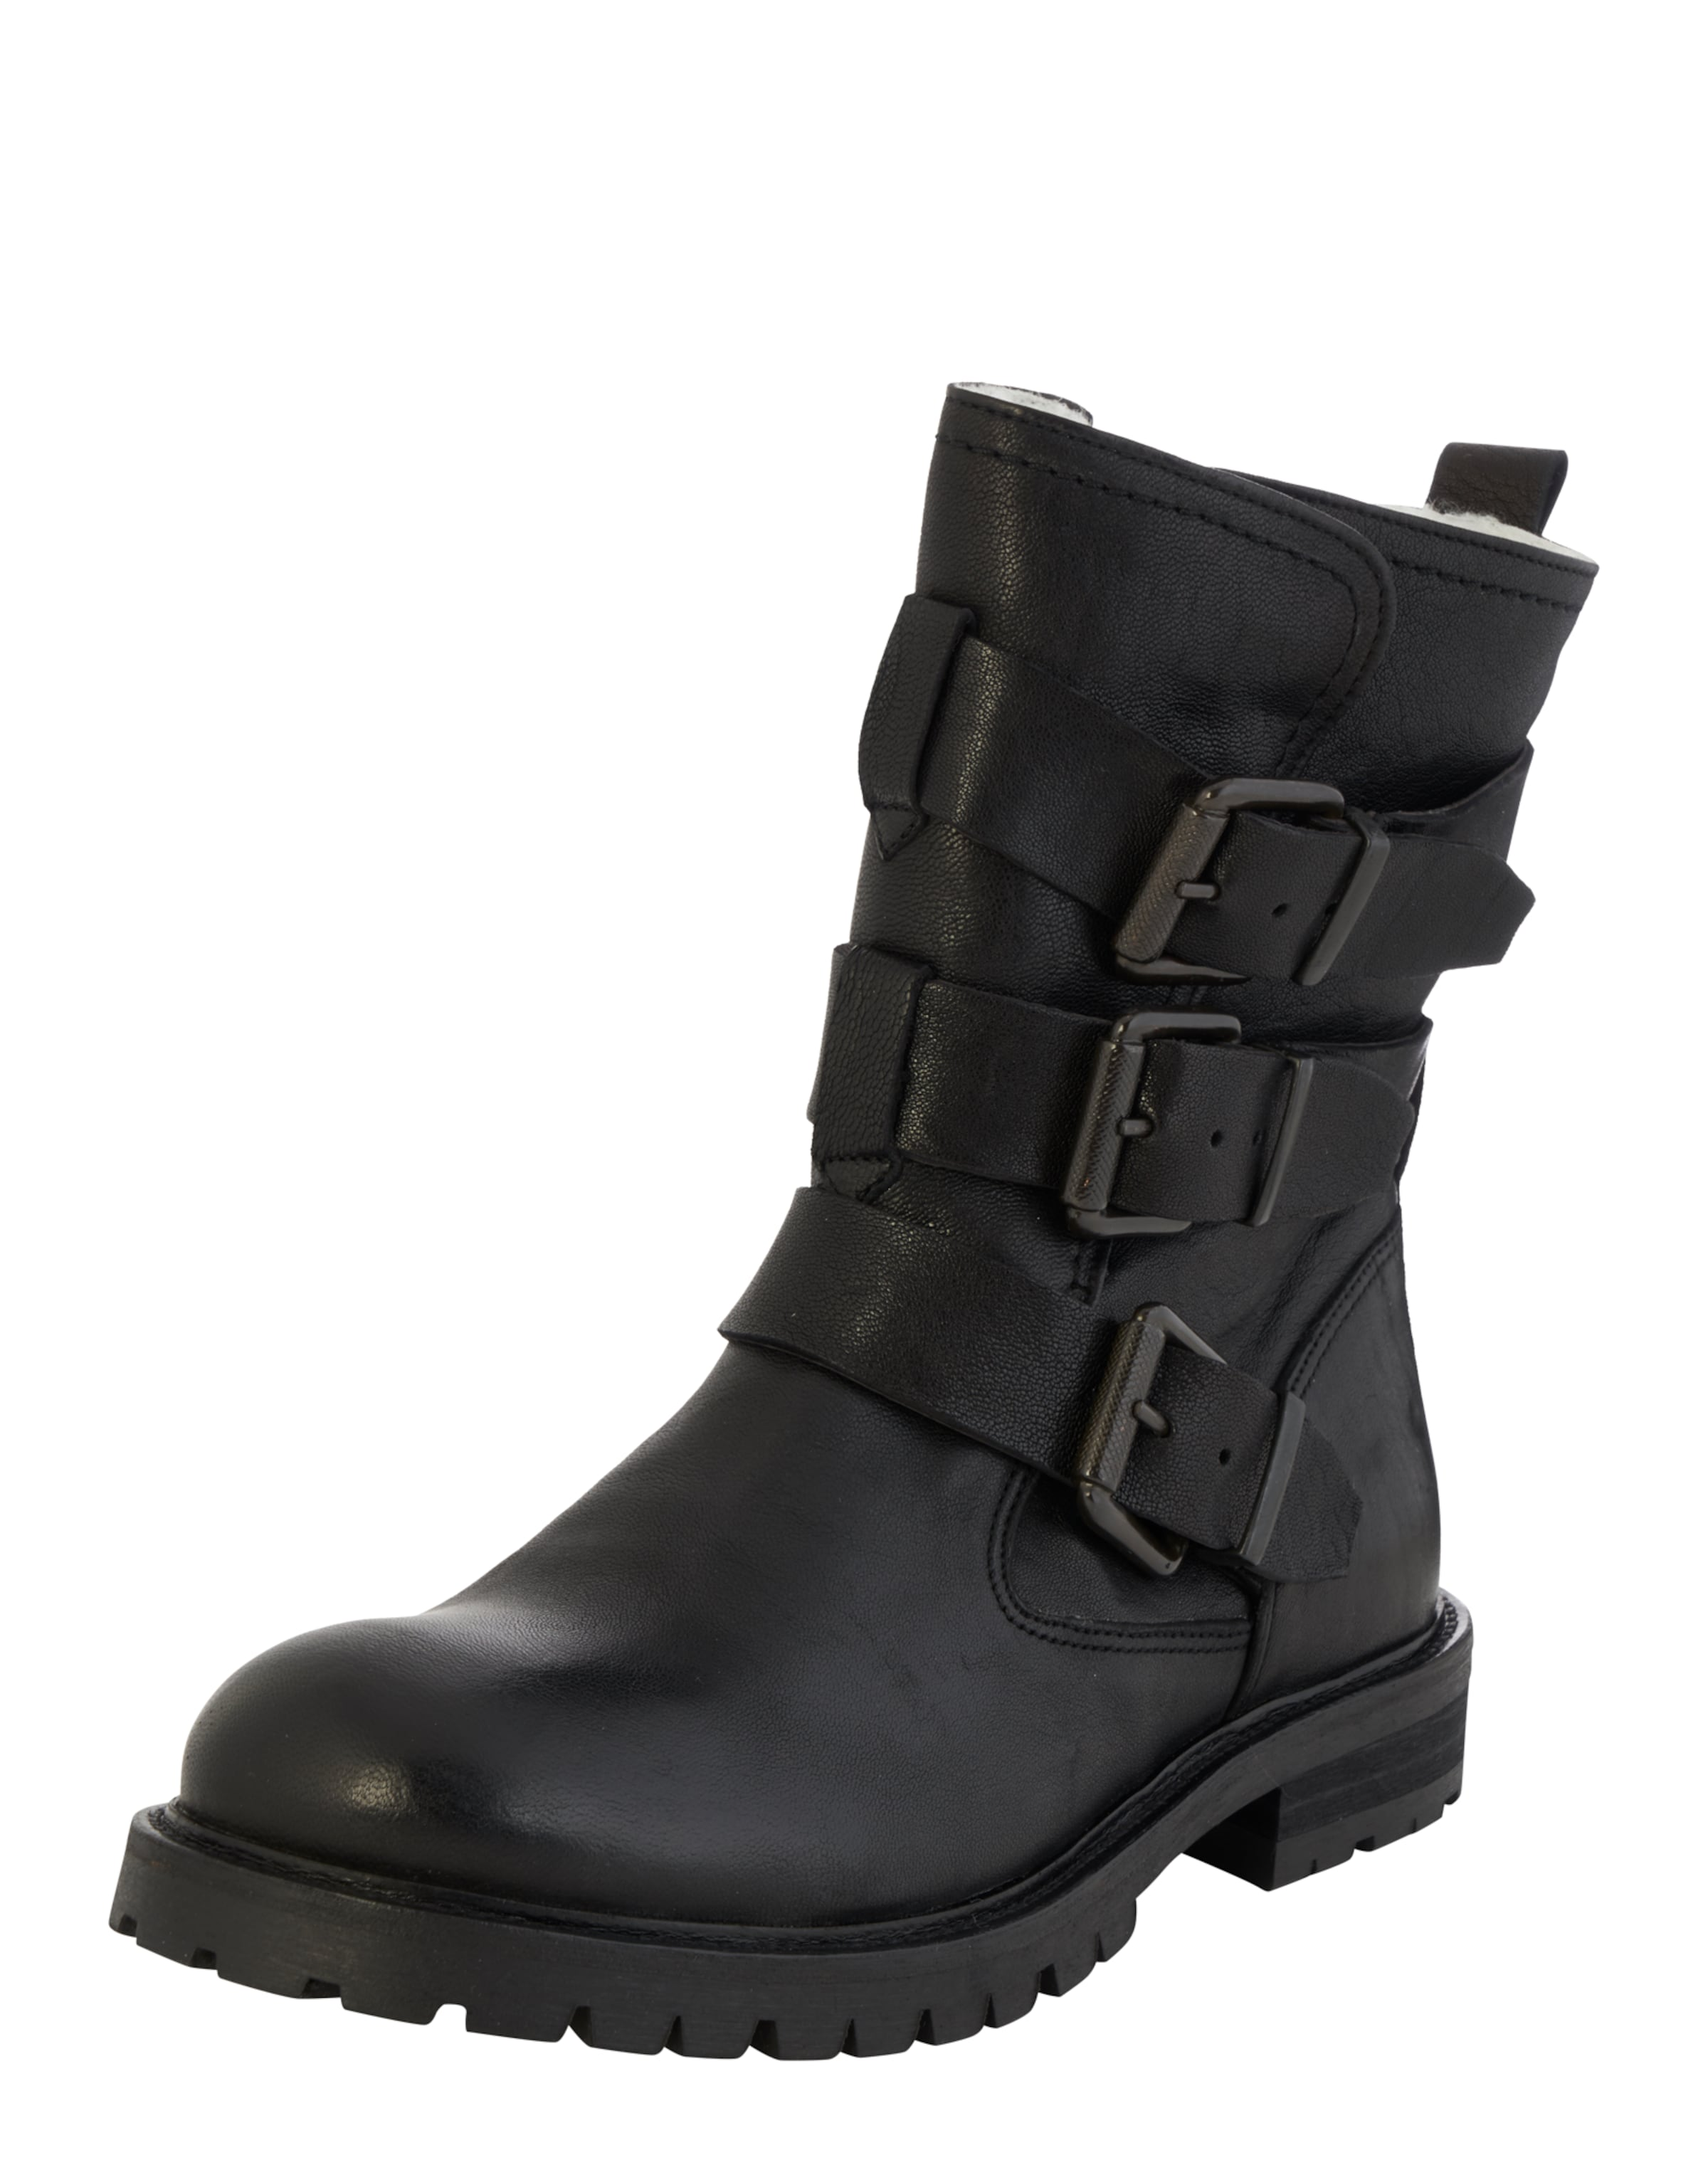 Billi Bi Stiefel mit Schnallen Real Für Verkauf 9xqNtw